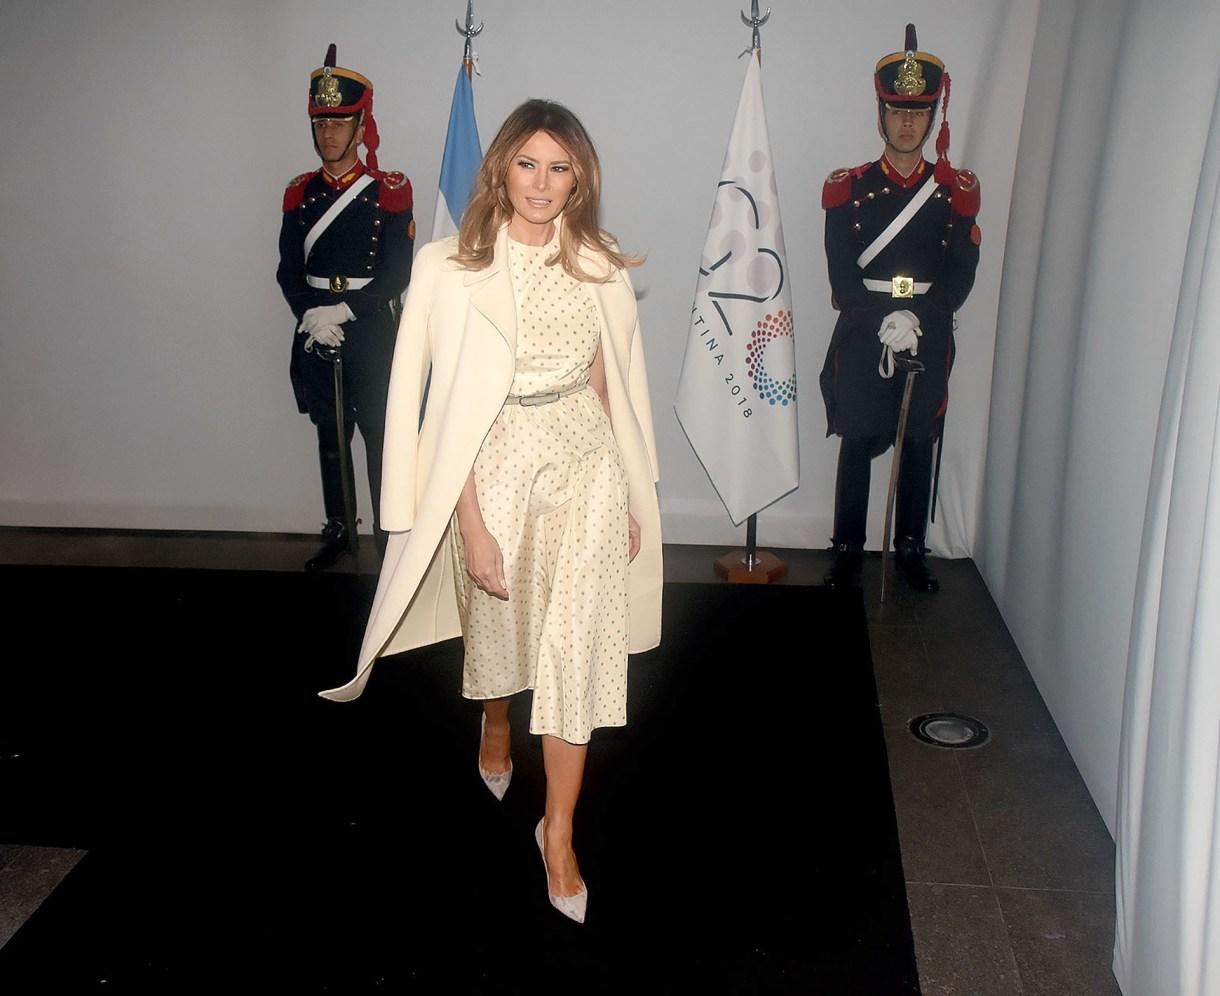 Melania Trump en su arribo al Malba. Un vestido polka dots en off white con tapado a tono y stilettos a tono con cinturón en gris